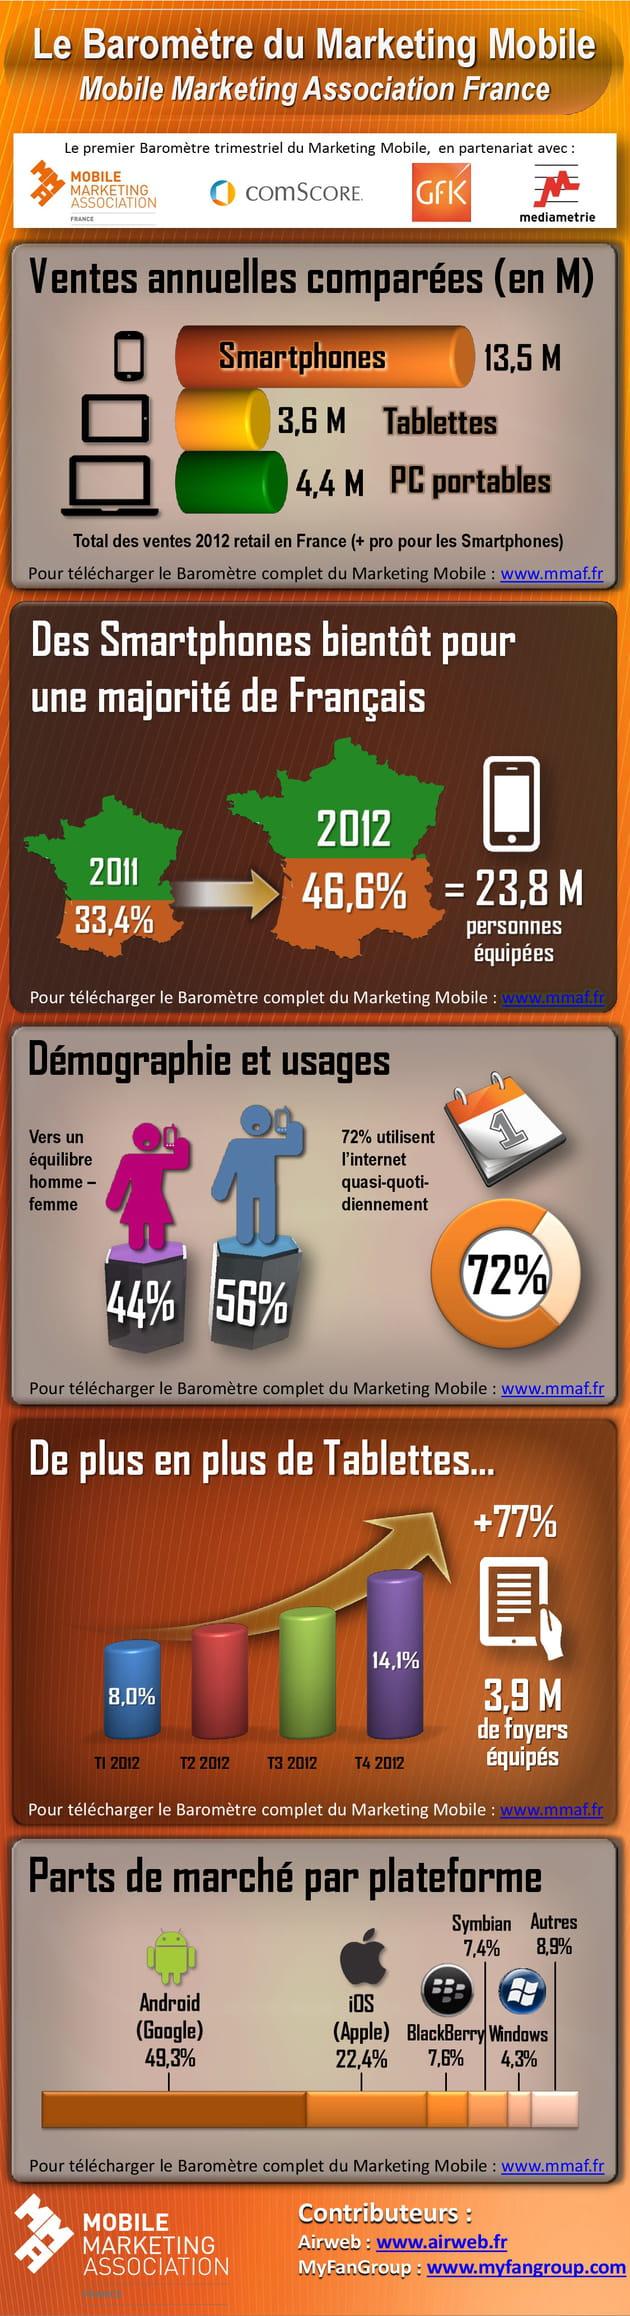 barometre marketing mobile